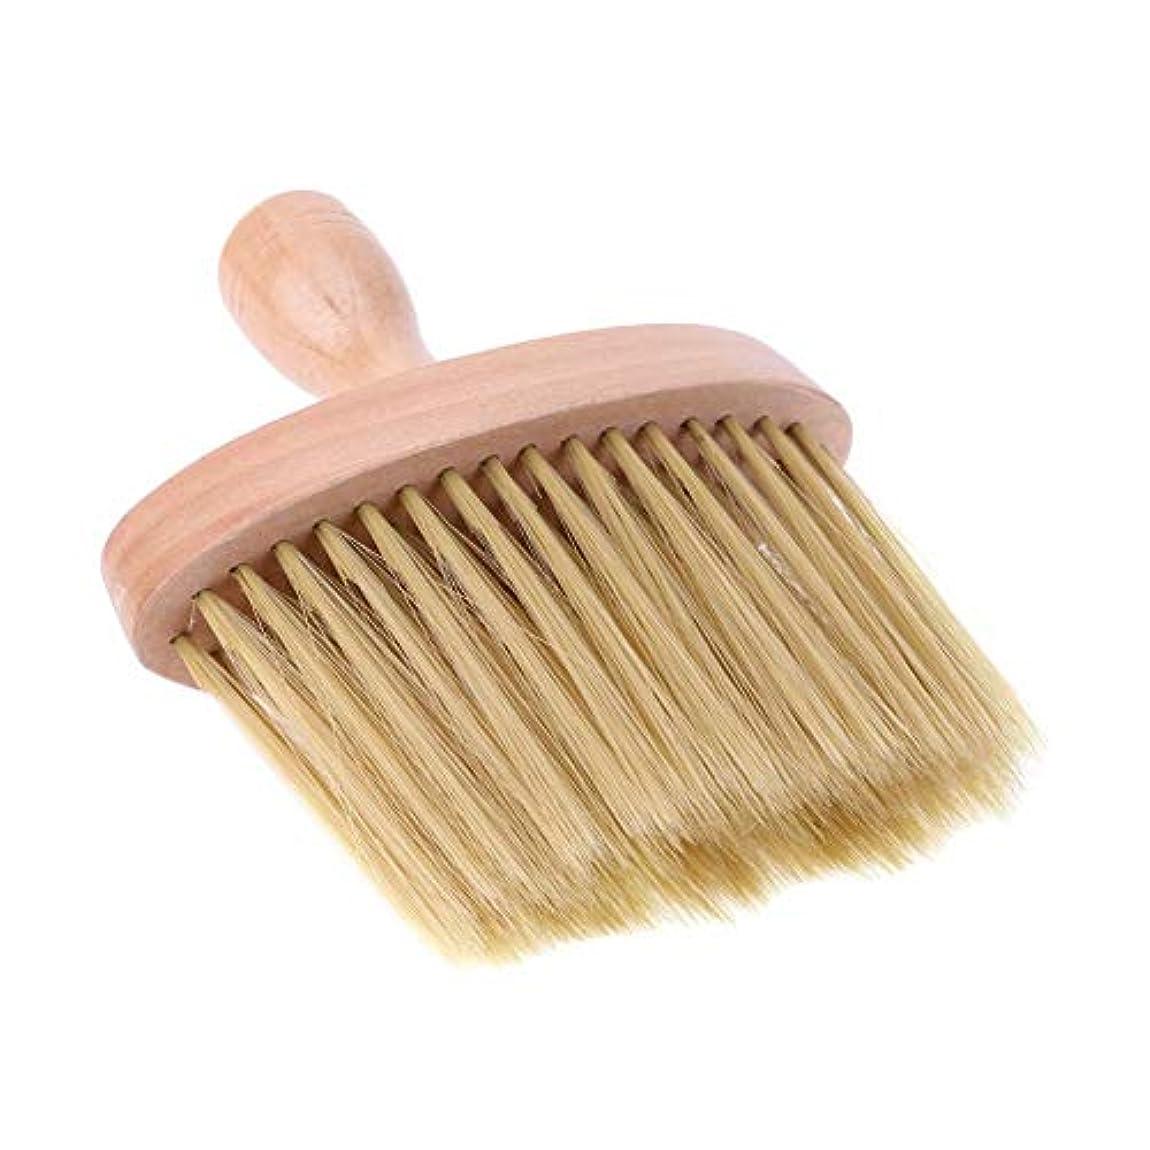 騒々しいジェスチャー日Powlance ブラシ ファンデーション 化粧品 収納 コスメ 化粧ブラシ